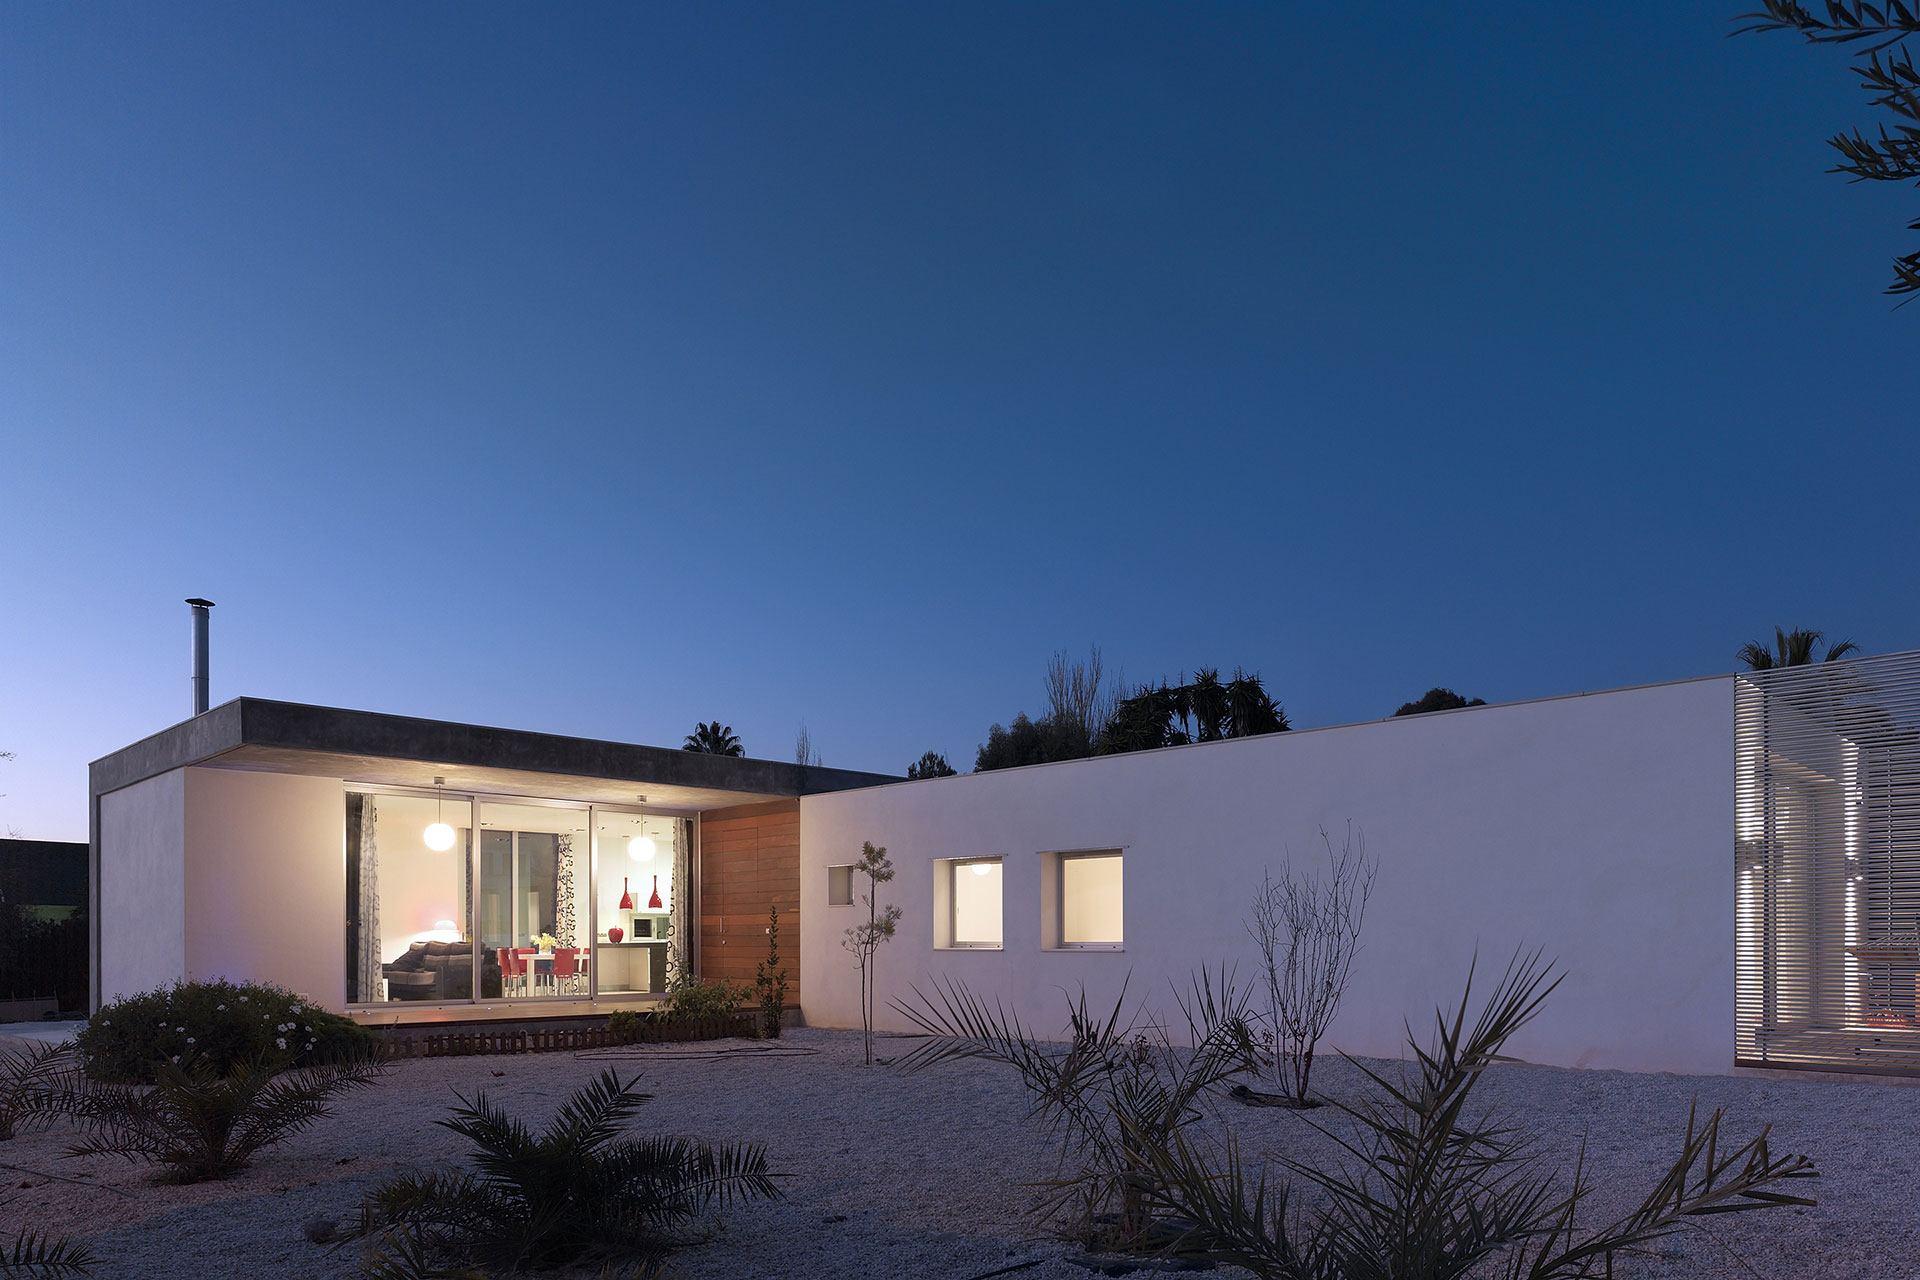 Proyecto arquitectónico para vivienda unifamiliar